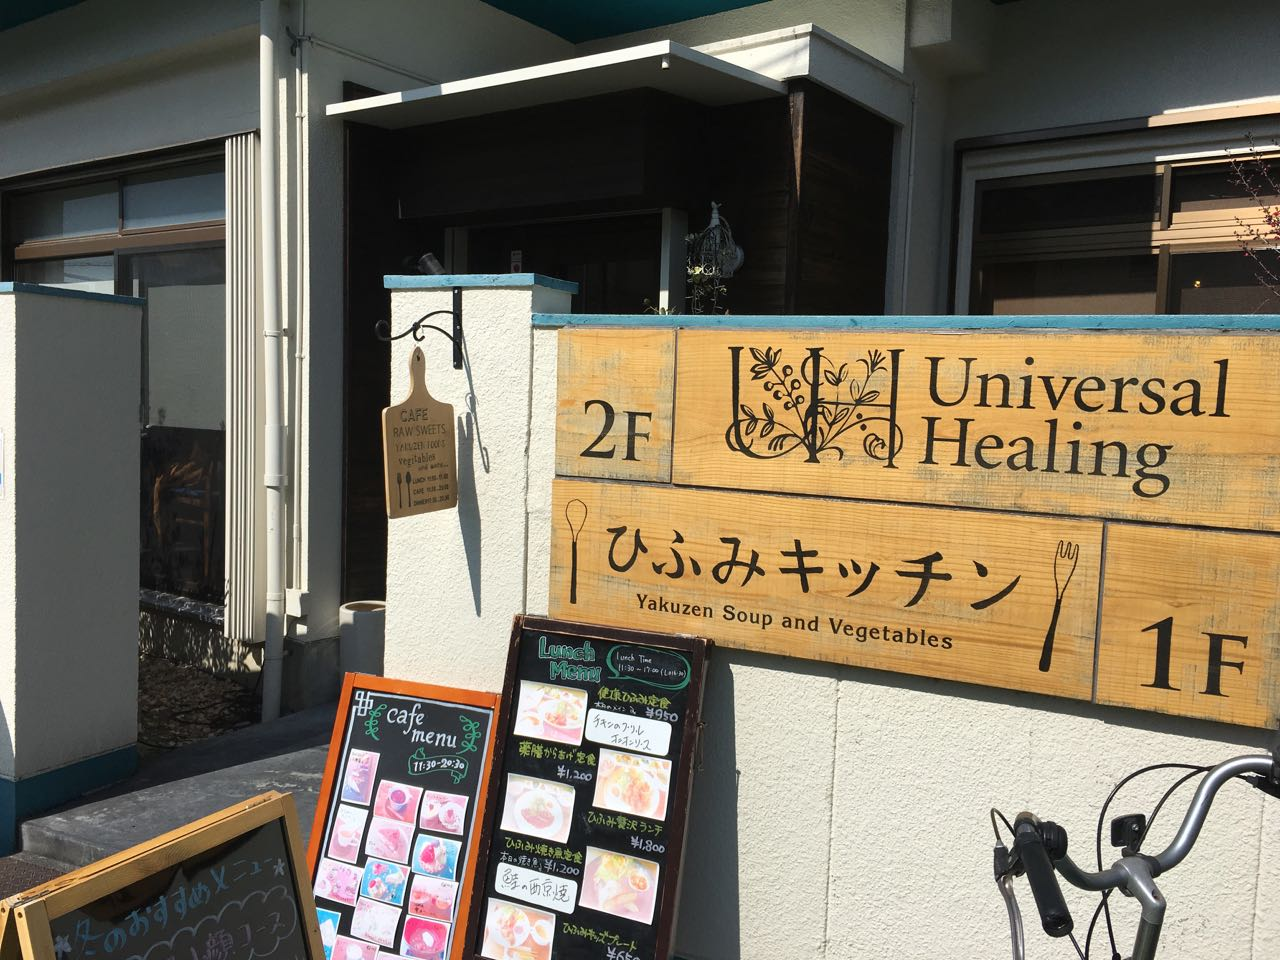 岡町駅エリアひふみ・キッチンで美味しい薬膳ランチ